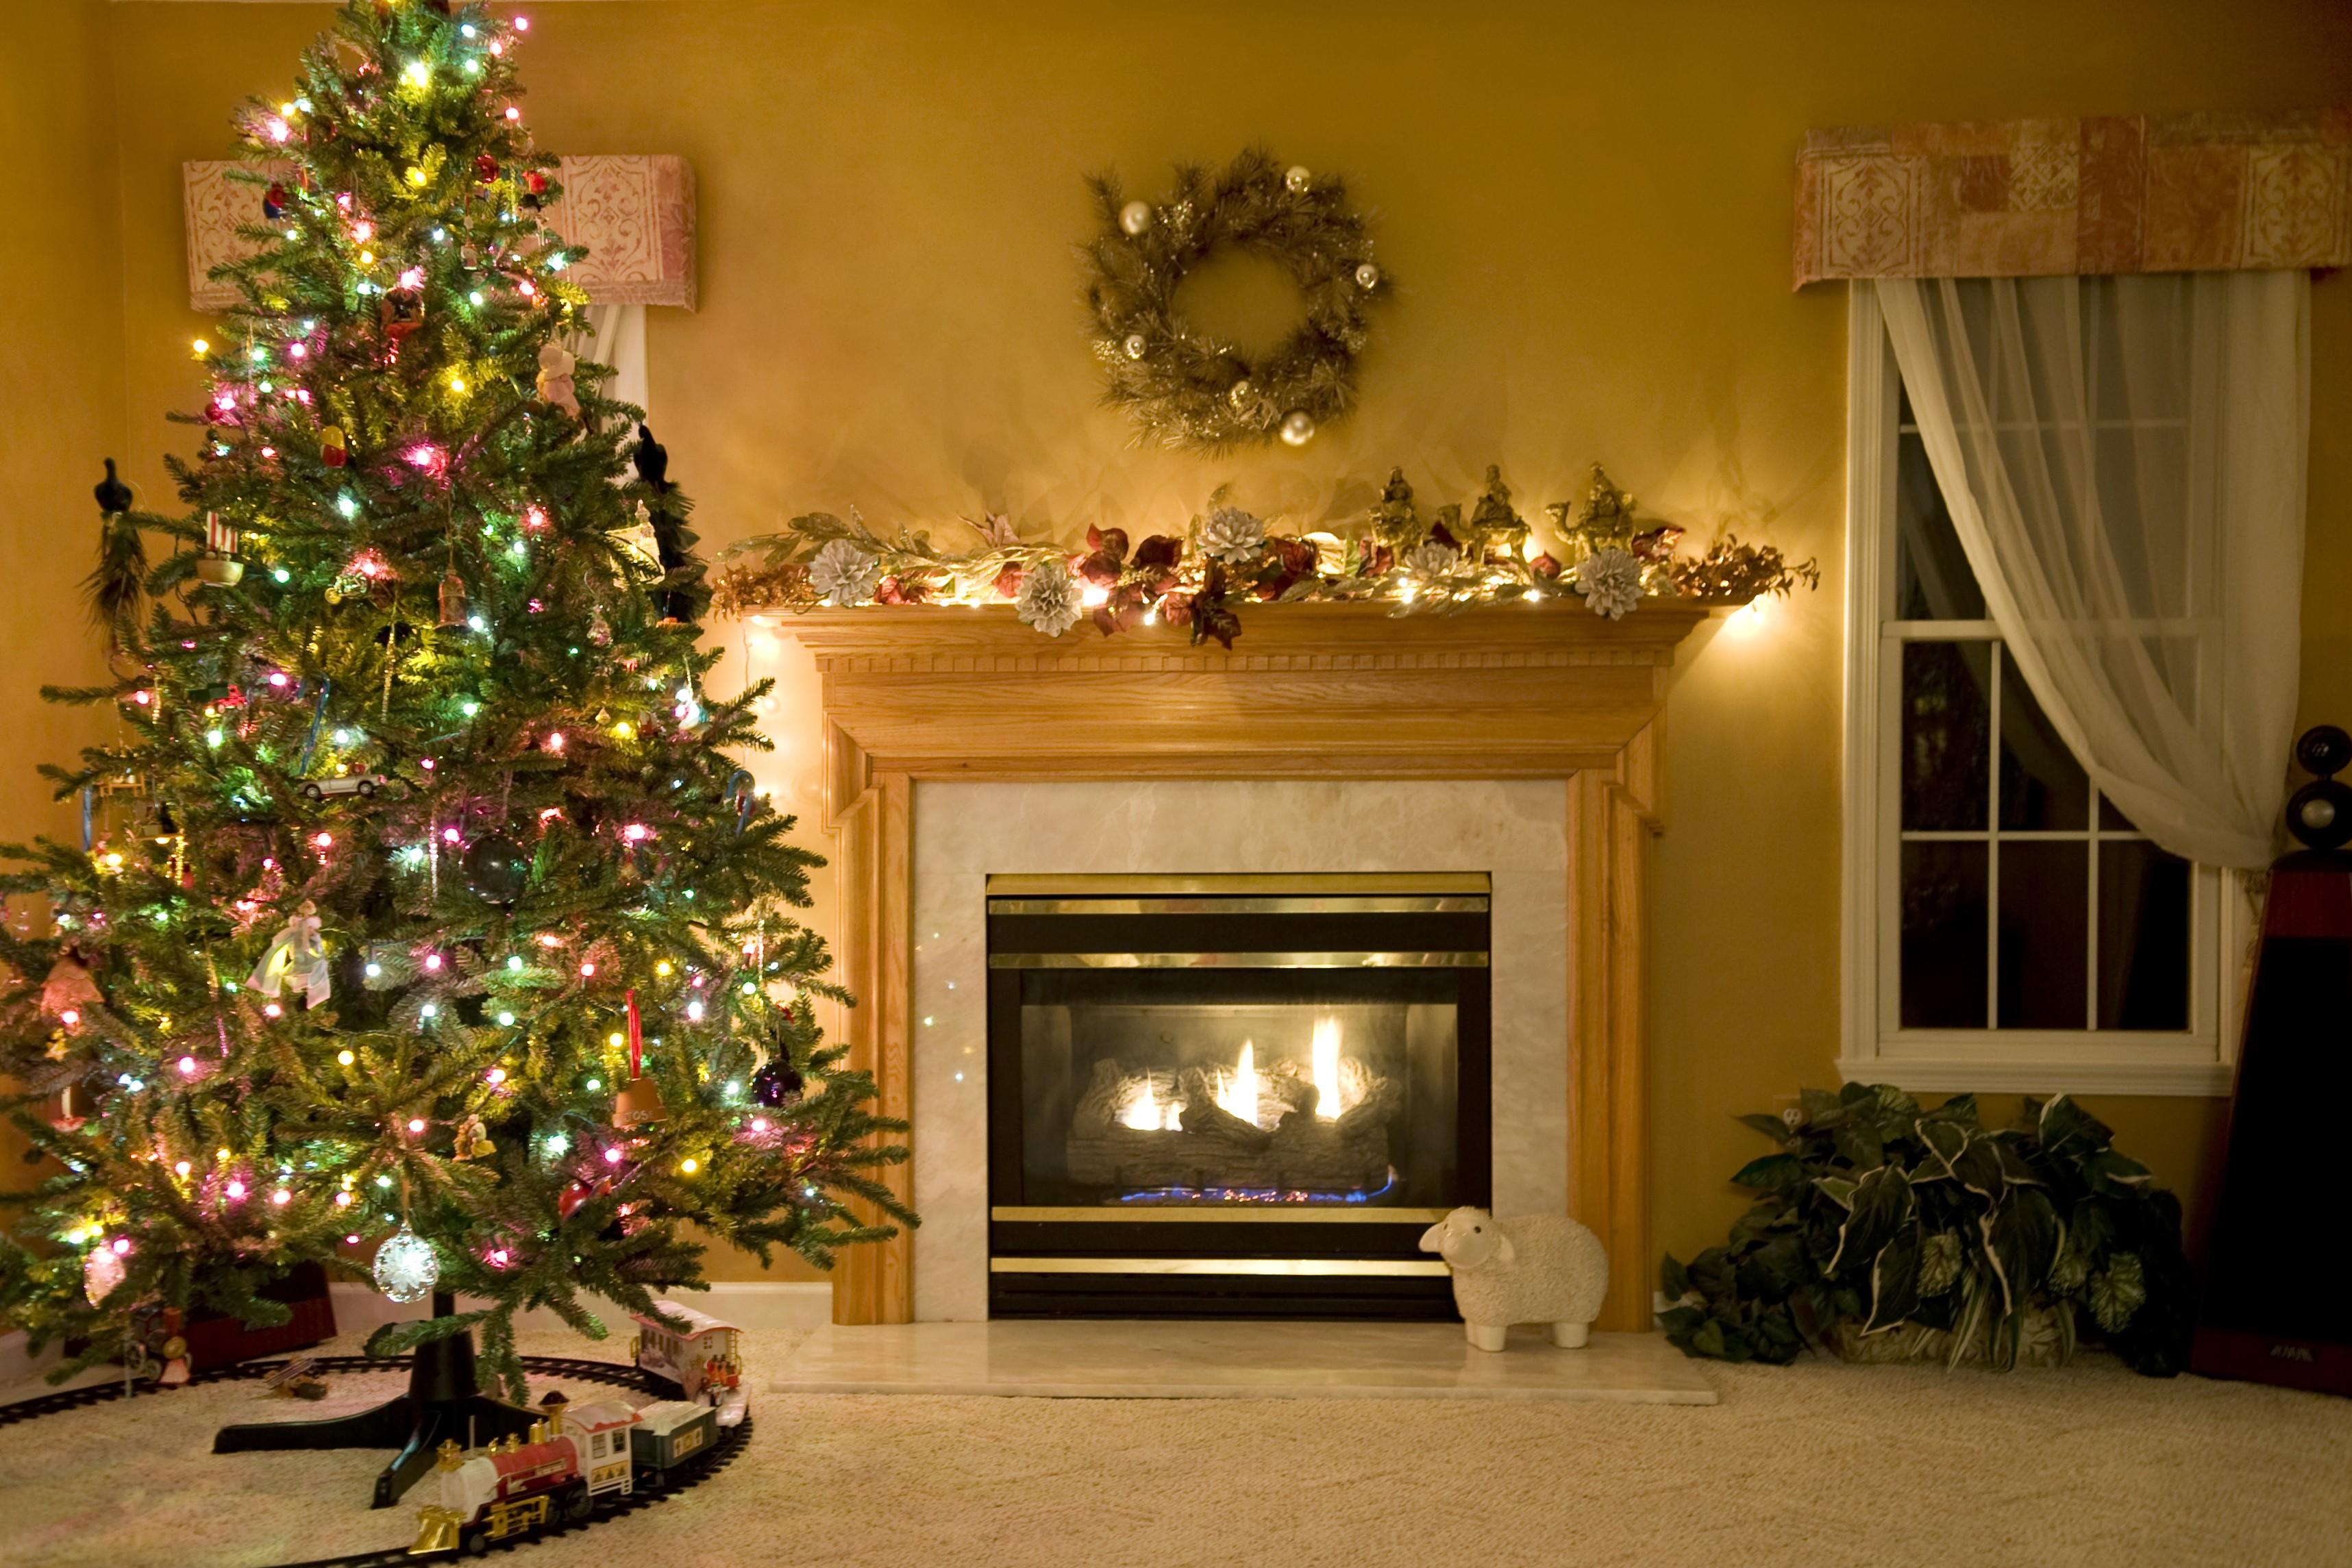 Karácsonyi babonák - Miért együnk mákosat vagy almát karácsonykor